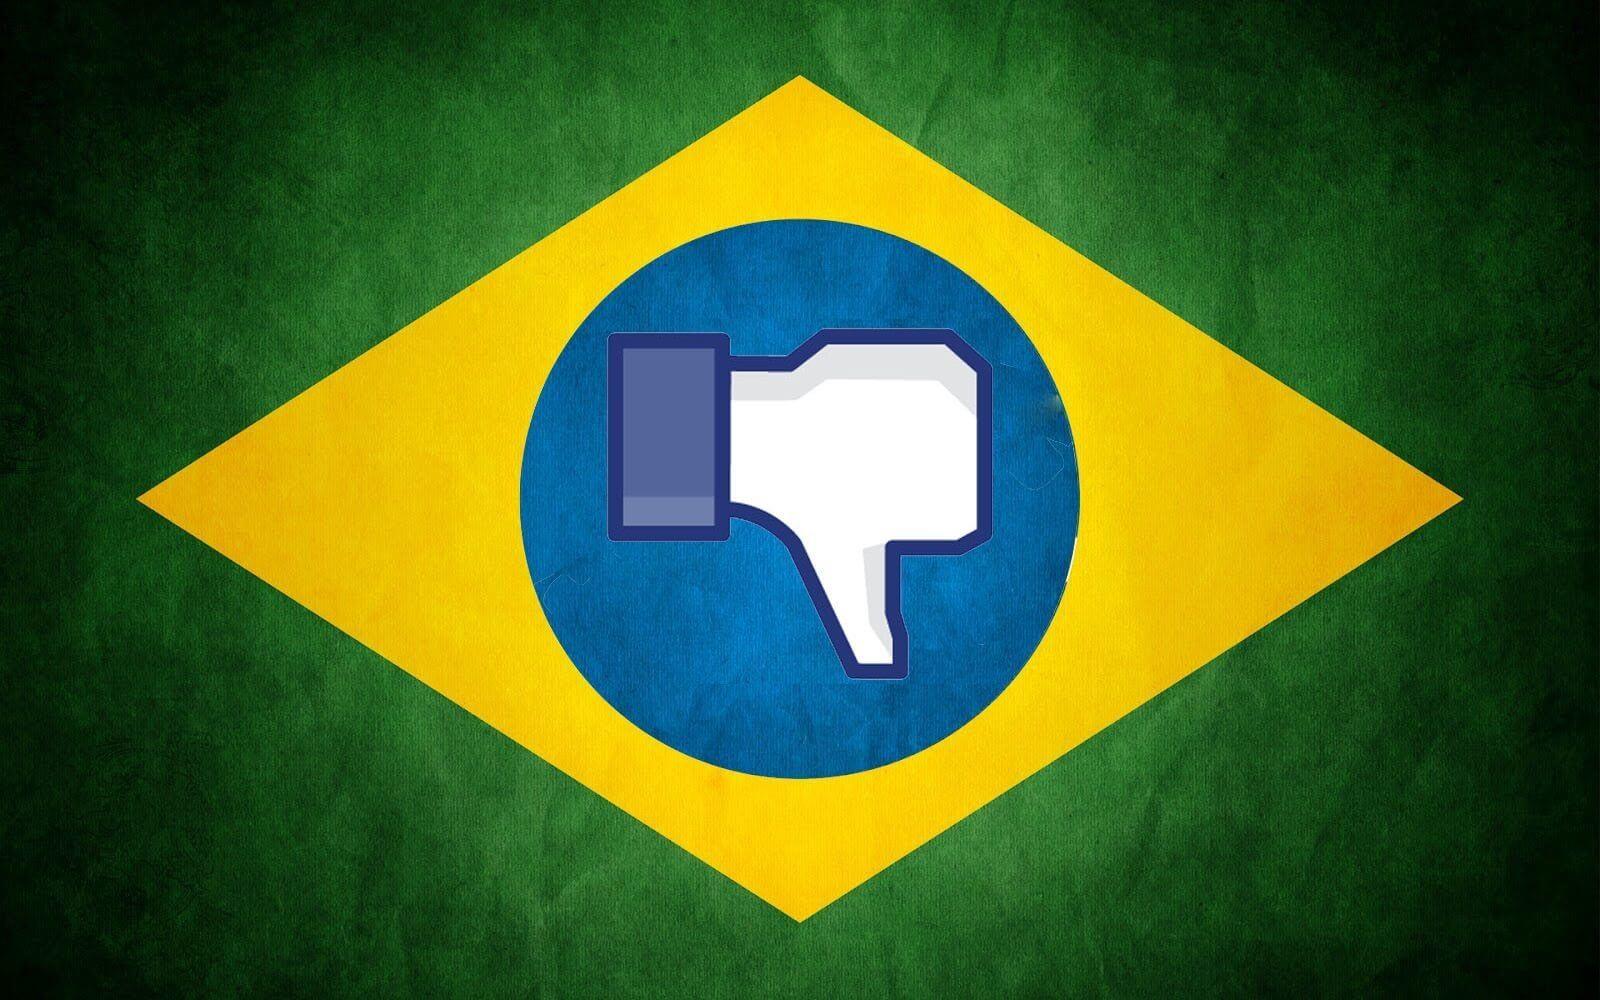 Brasileiros estão bagunçando as traduções do Facebook